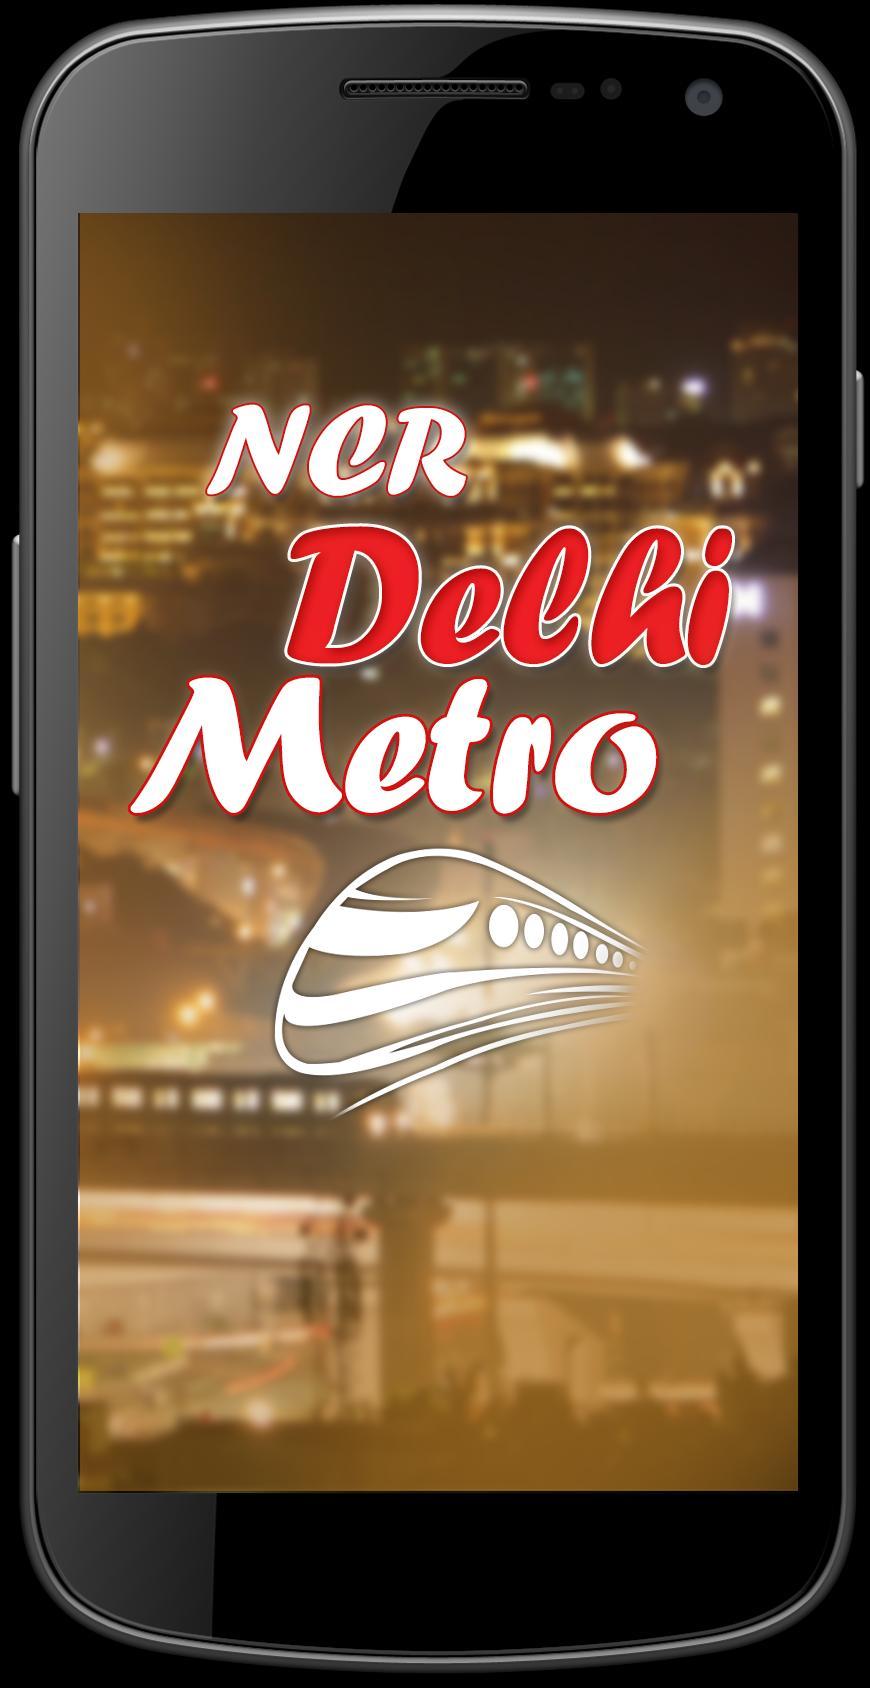 NCR Metro poster